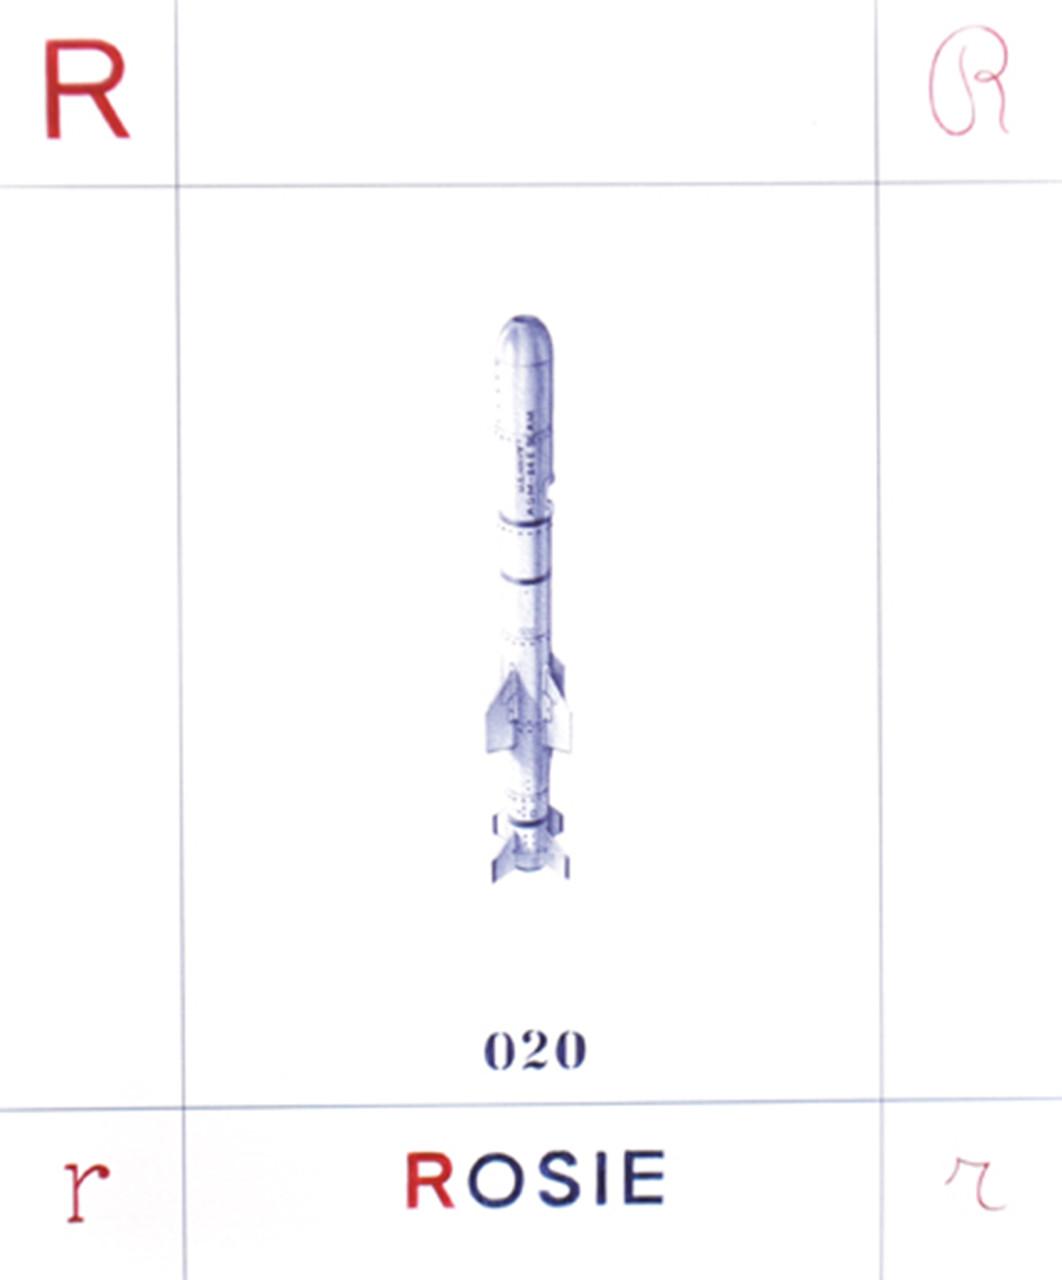 38R-Rosie_bassa